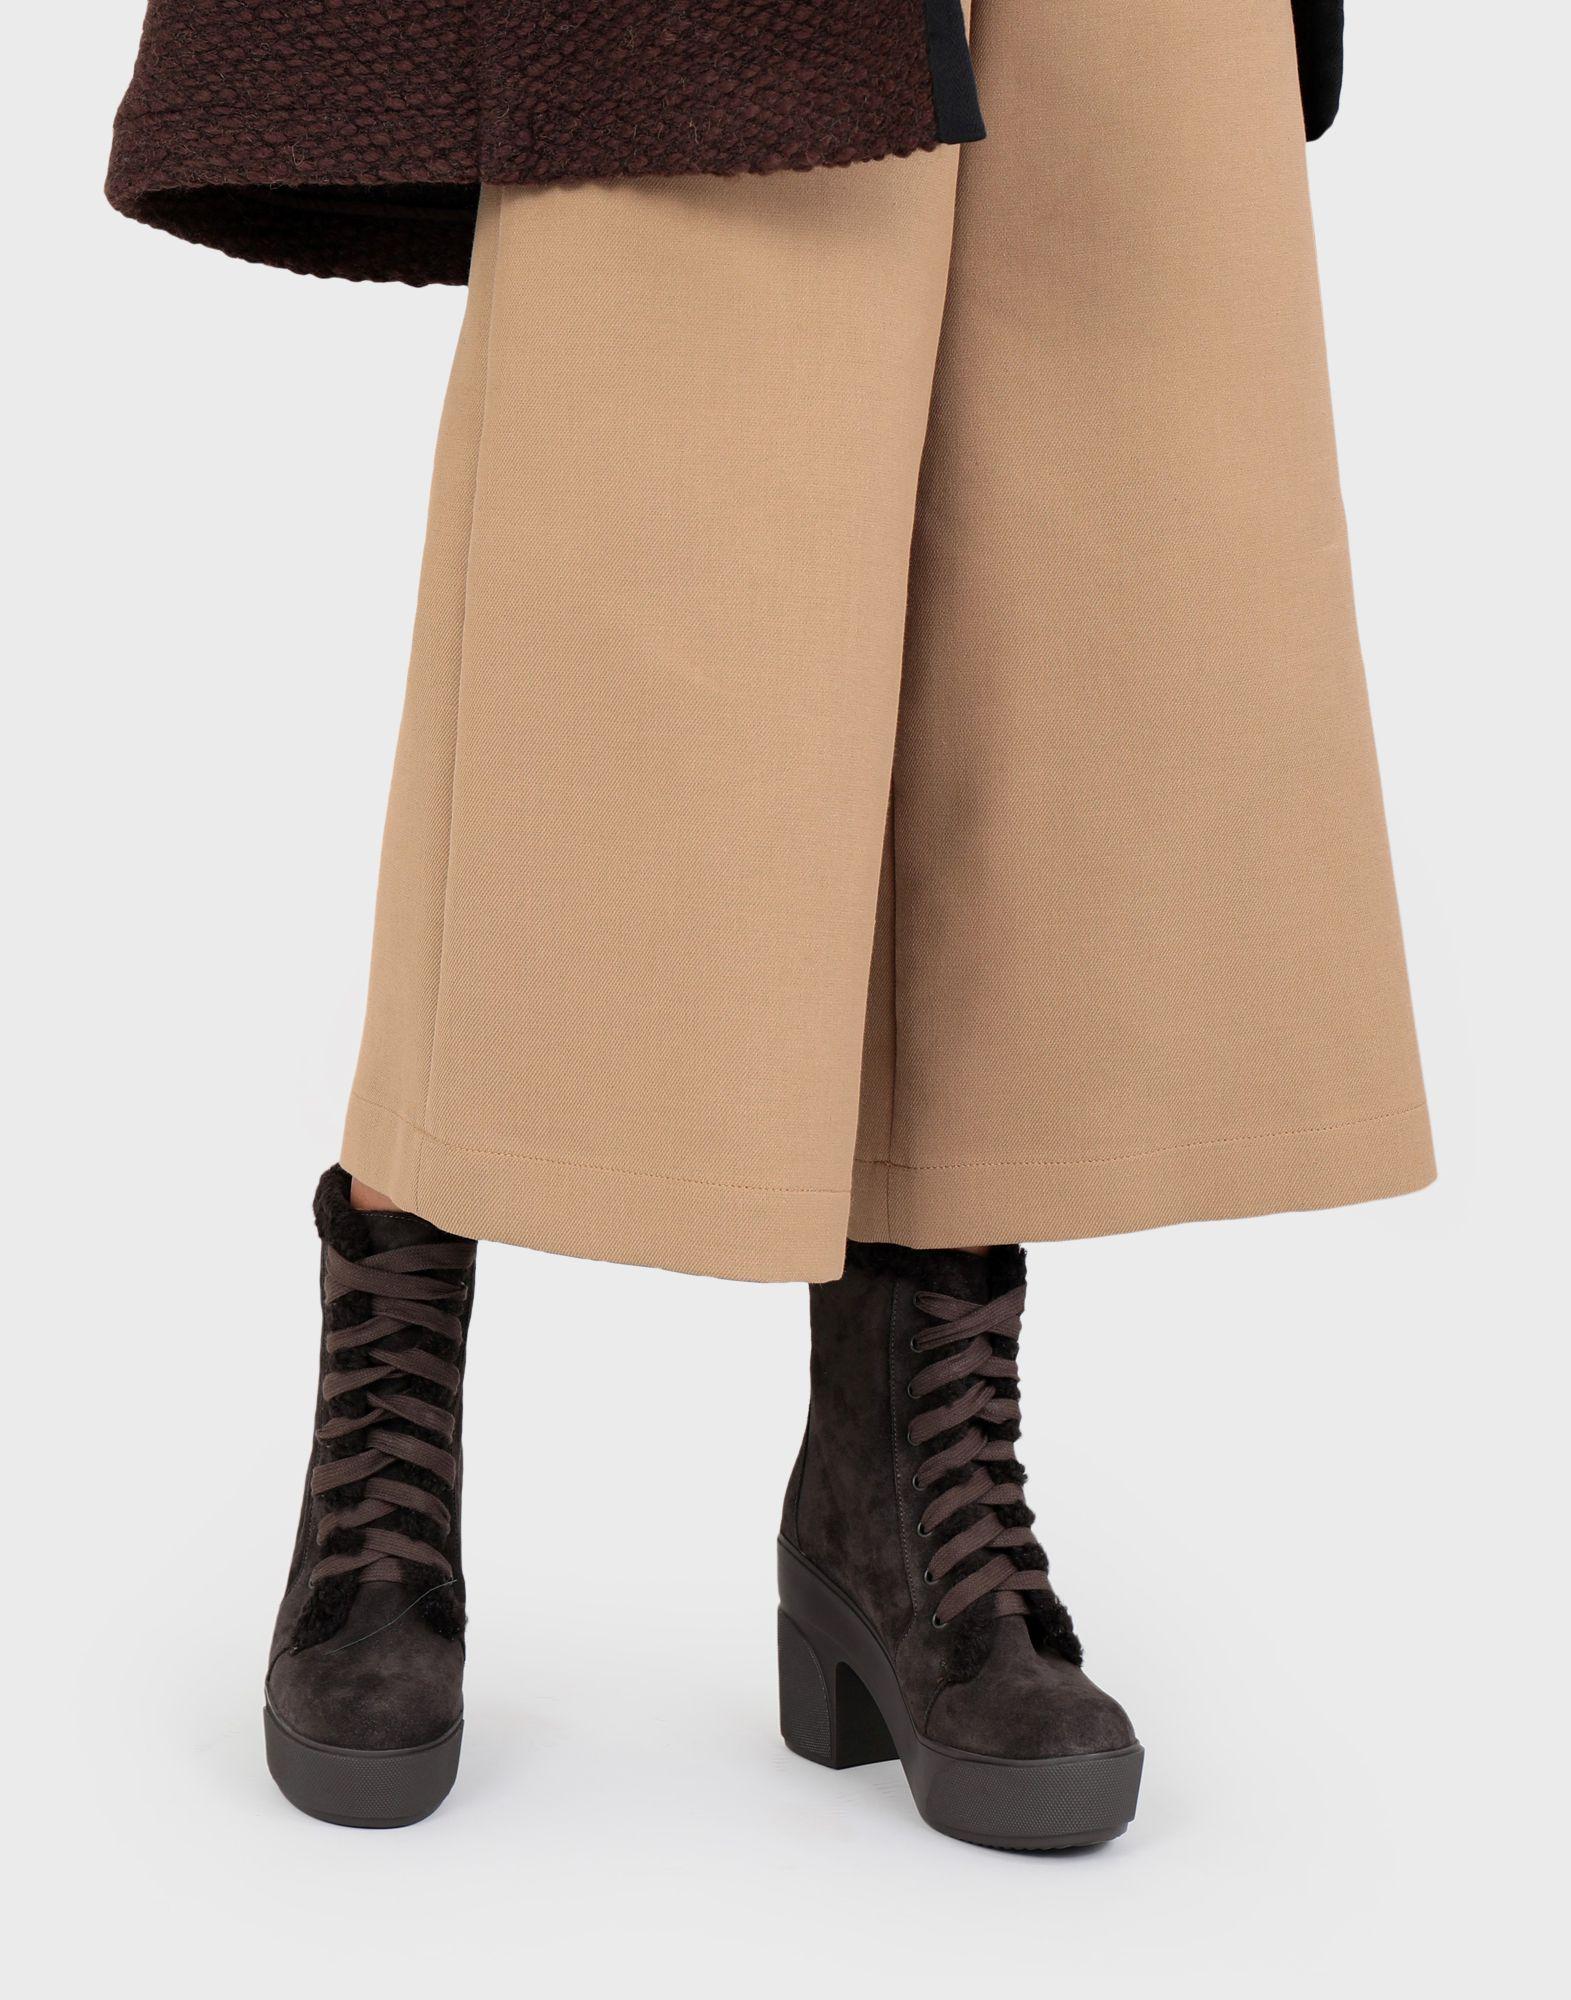 See By Chloé Stiefelette Damen Schuhe  11545969CMGünstige gut aussehende Schuhe Damen 1be9c2